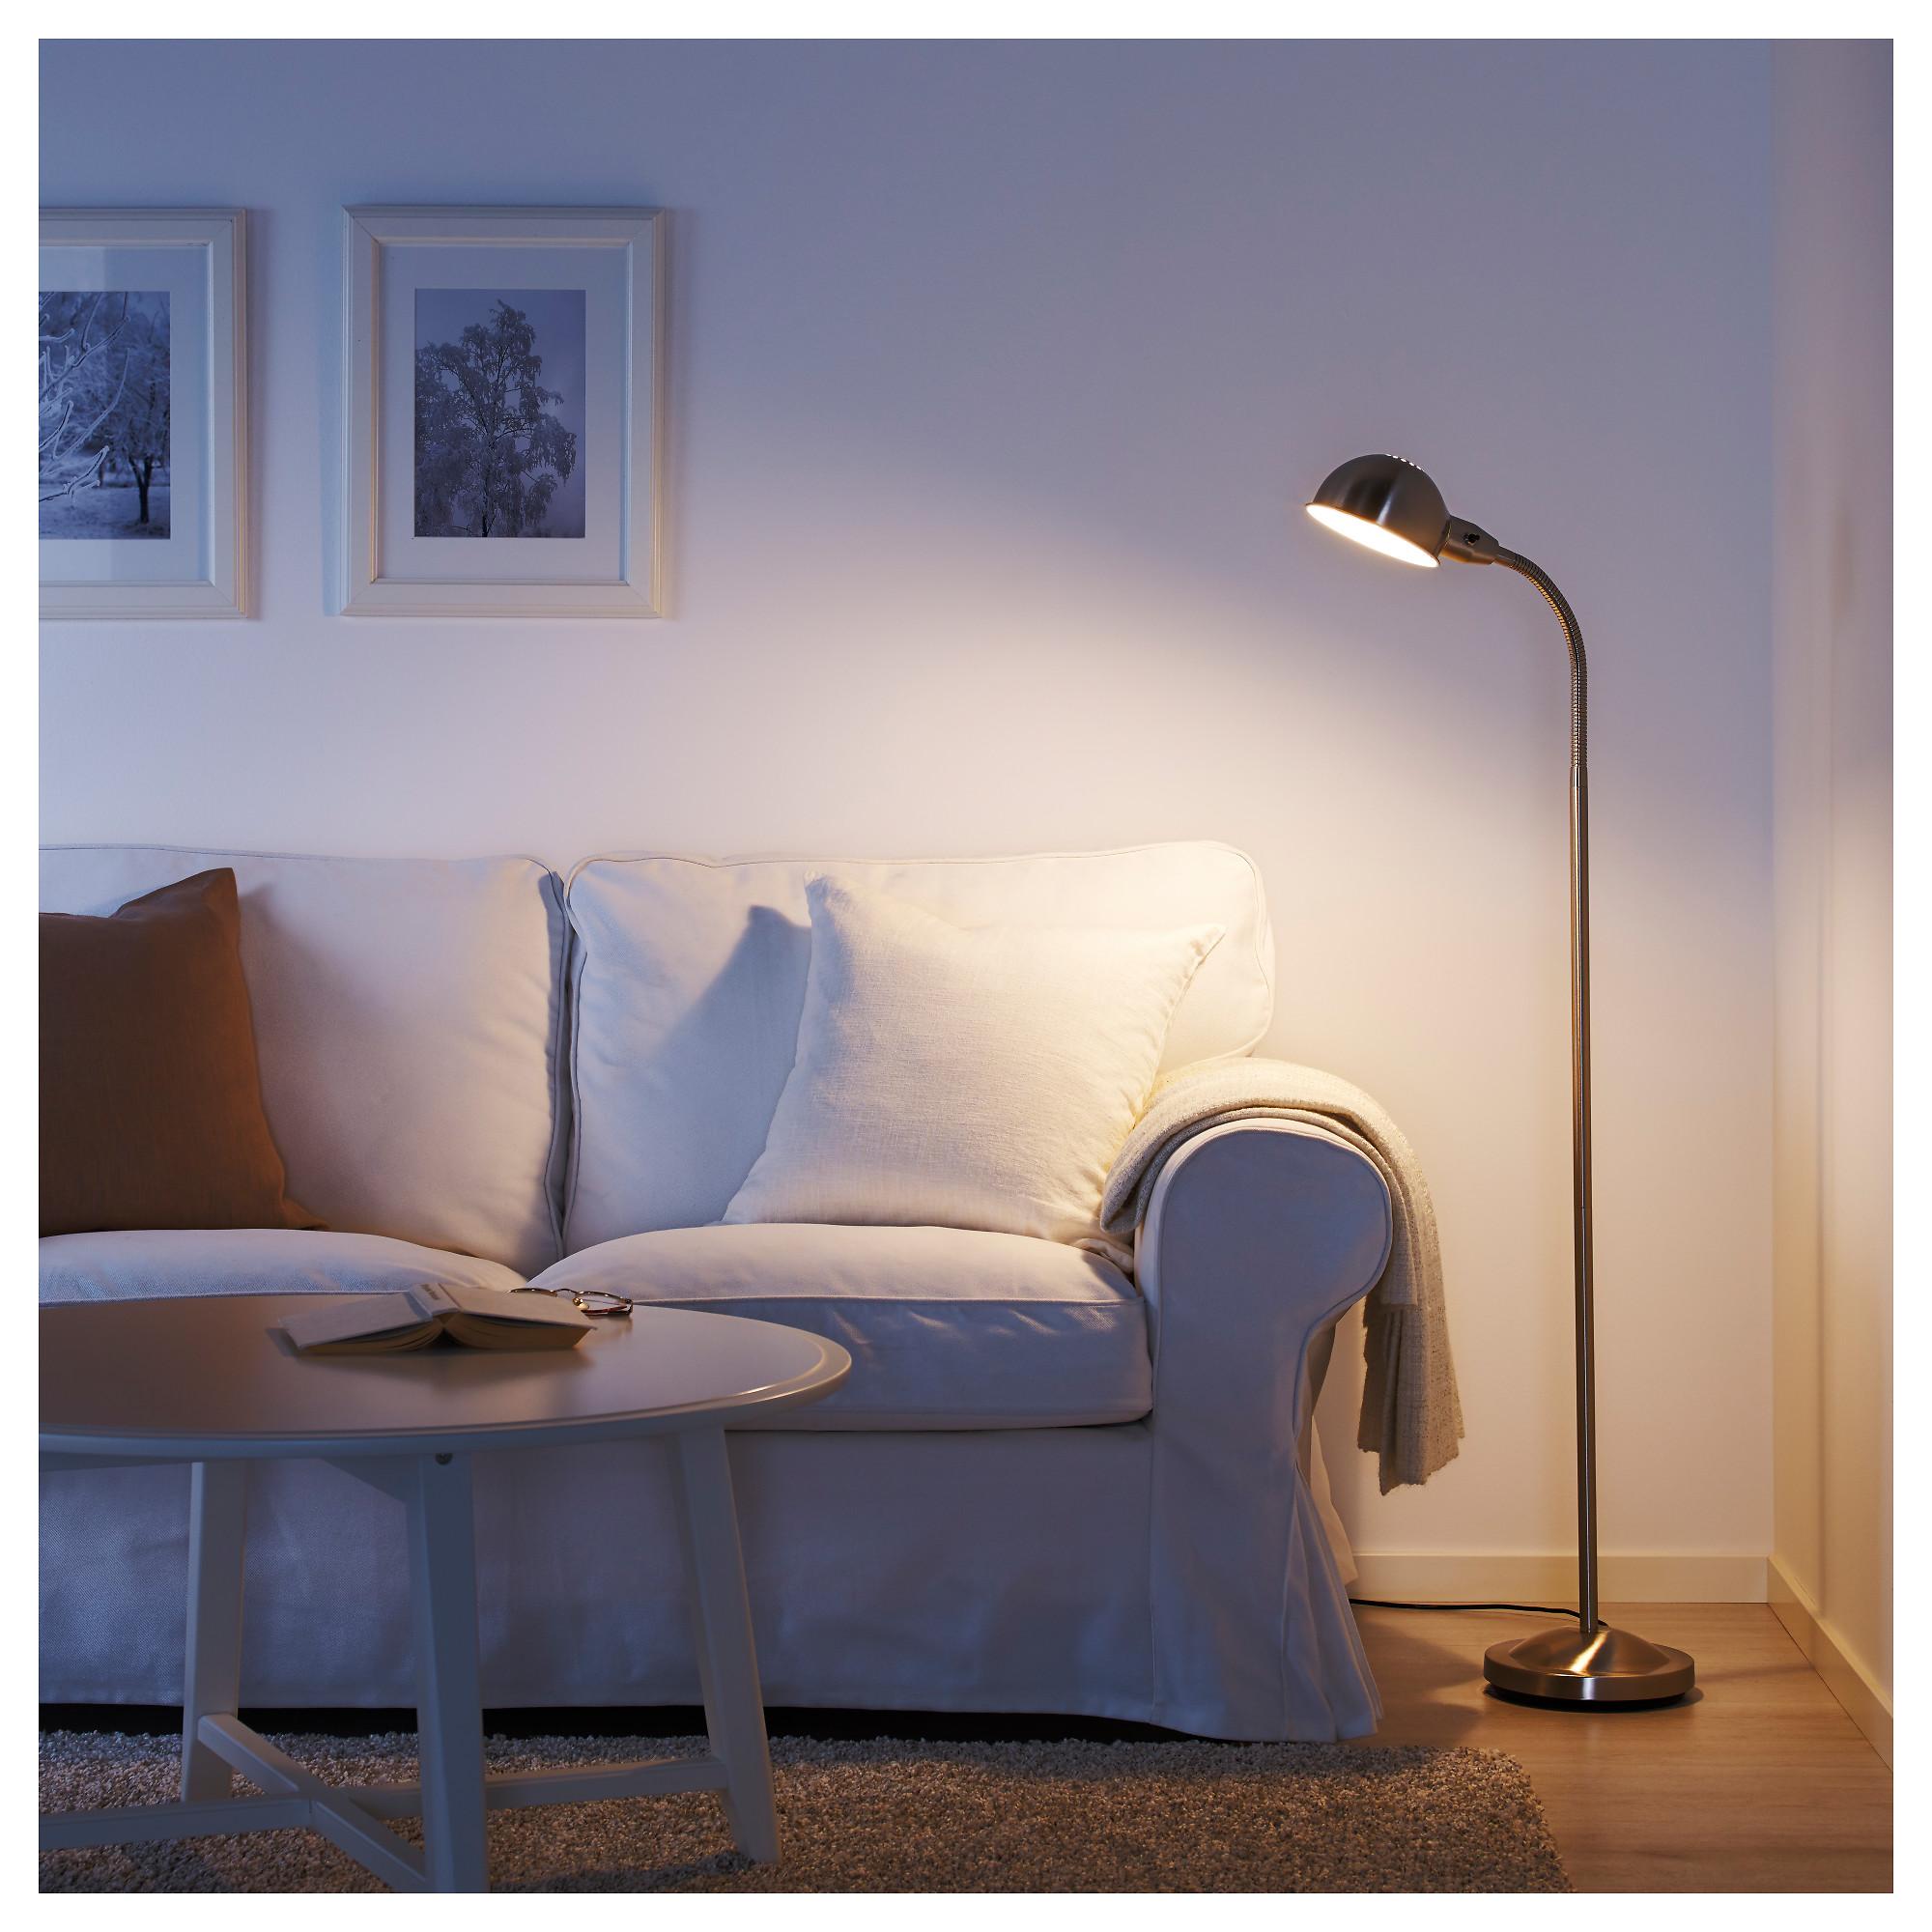 ikea leselampe standleuchte hektar von ikea samtid gulv leselampe ikea nyfors gulv leselampe. Black Bedroom Furniture Sets. Home Design Ideas